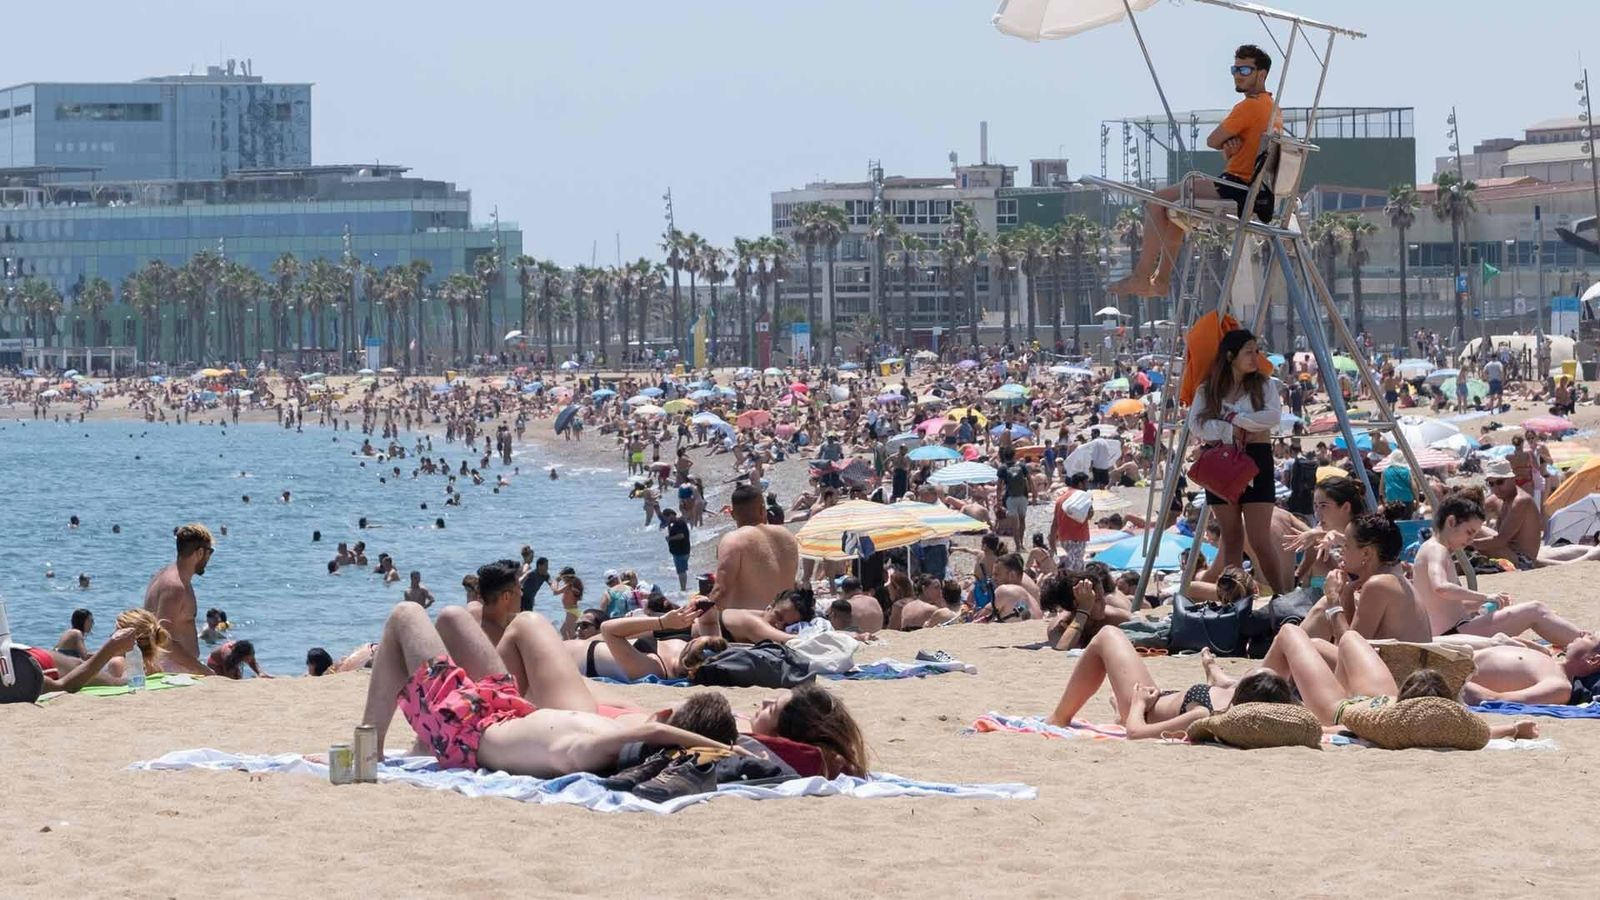 S'omplen les platges, comencen a tornar els turistes, i el viatge de nuvis de Felip i Letizia: les claus del dia, amb Antoni Bassas (22/06/2020)